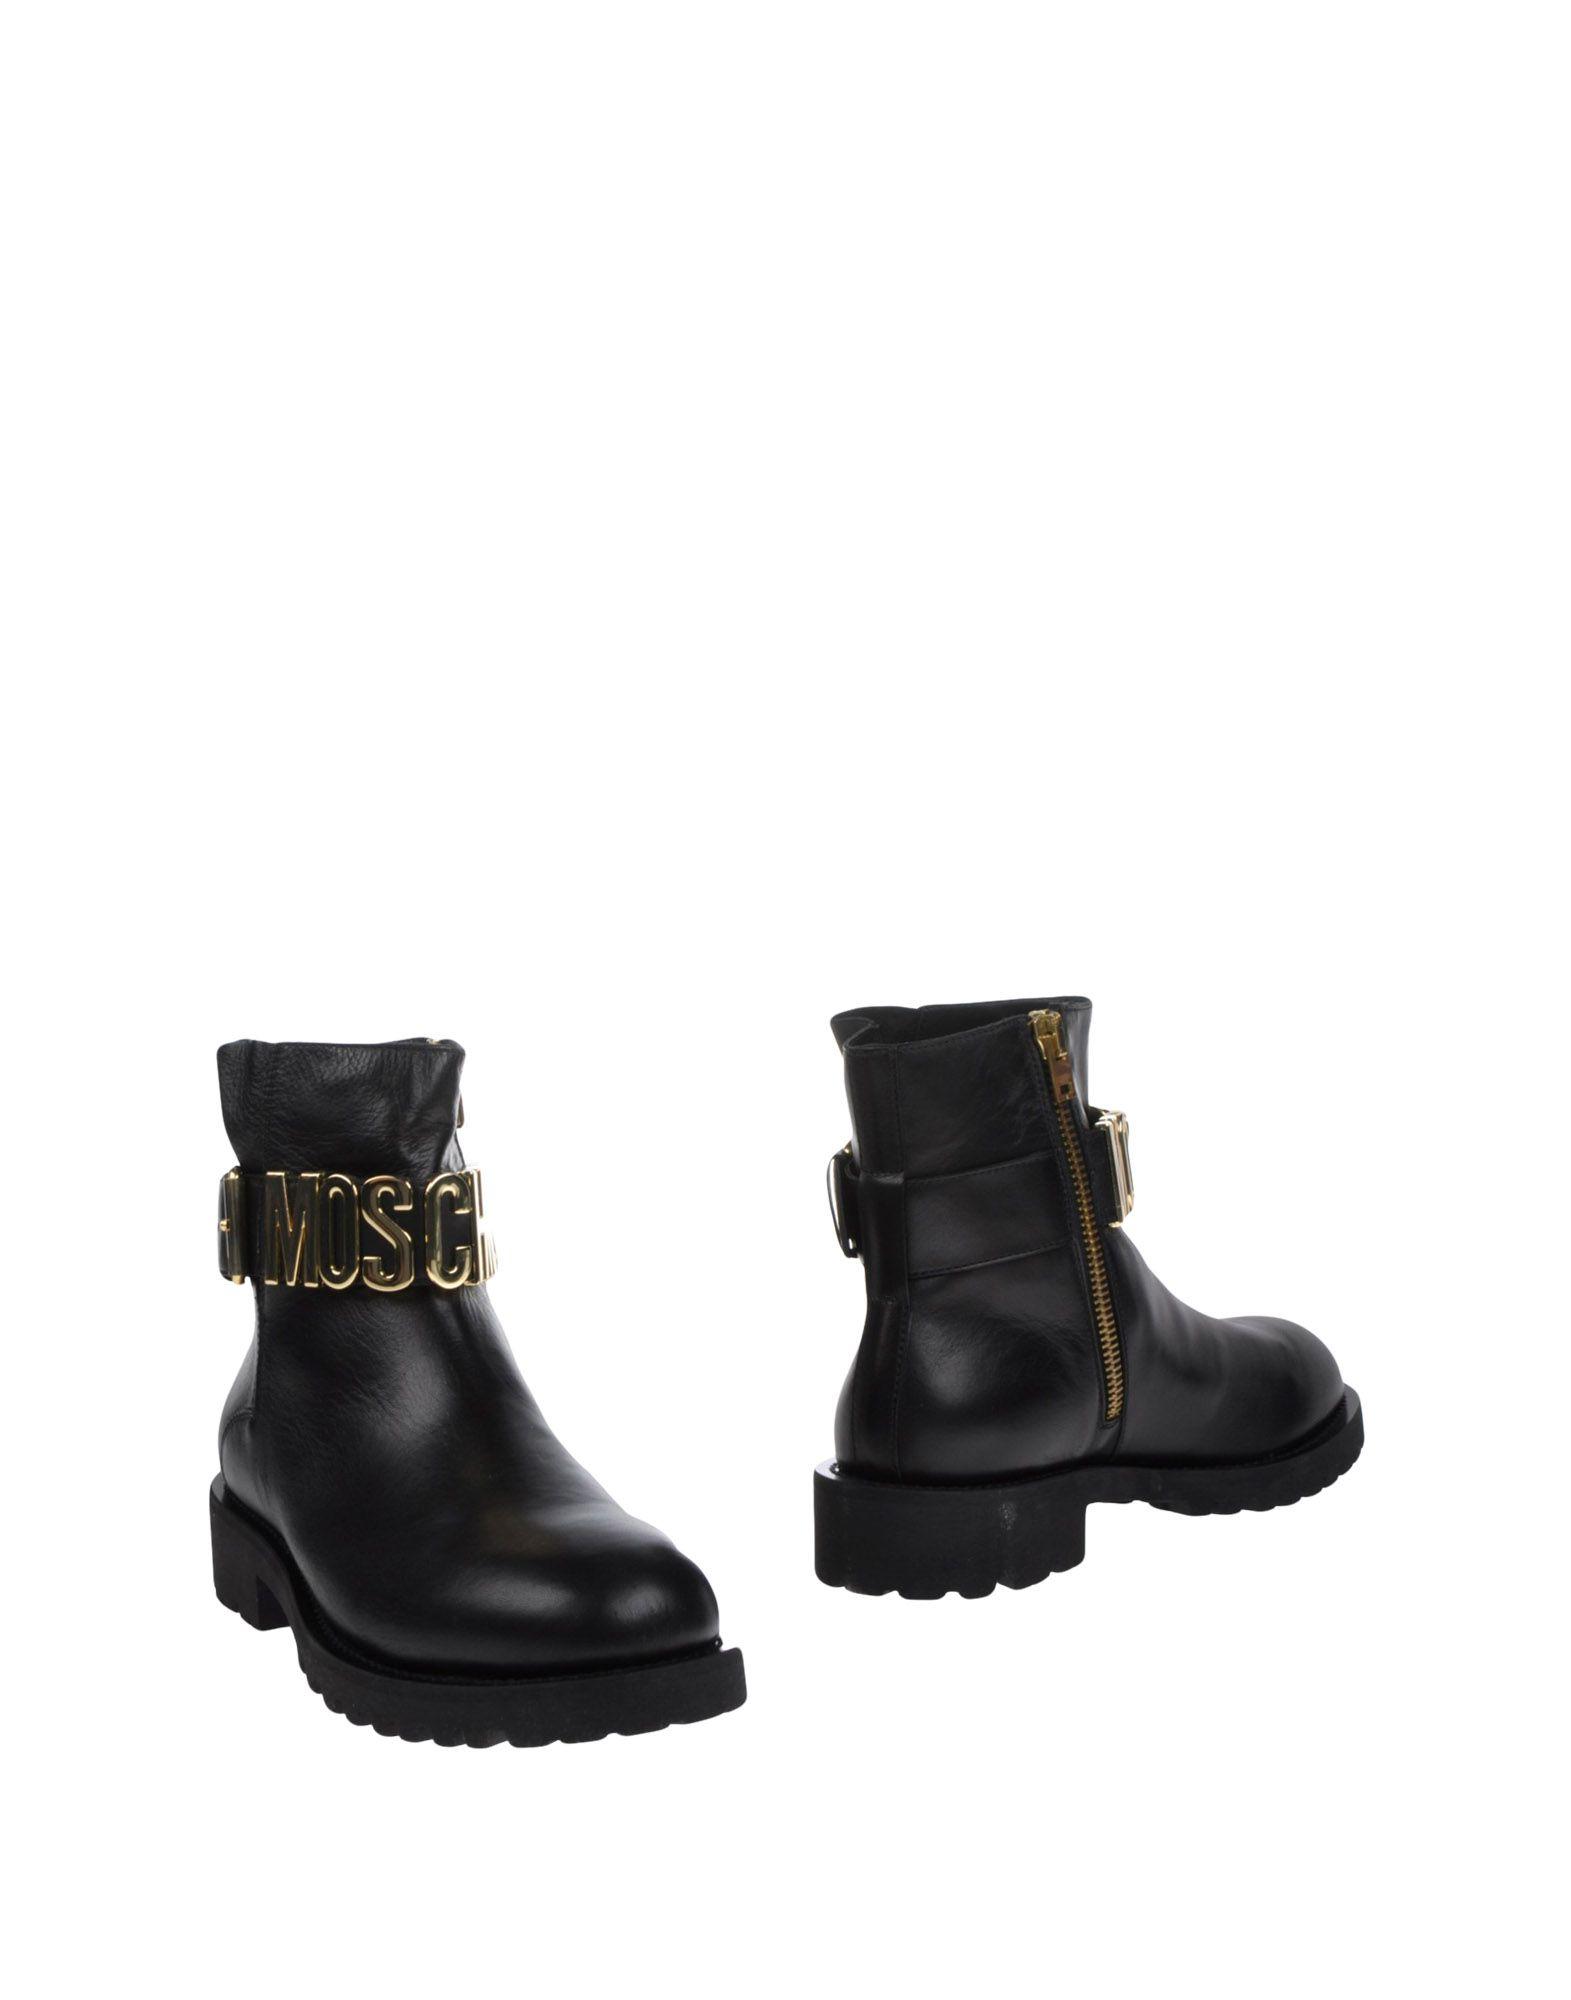 Moschino Stiefelette Herren  11263873AE Gute Qualität beliebte Schuhe